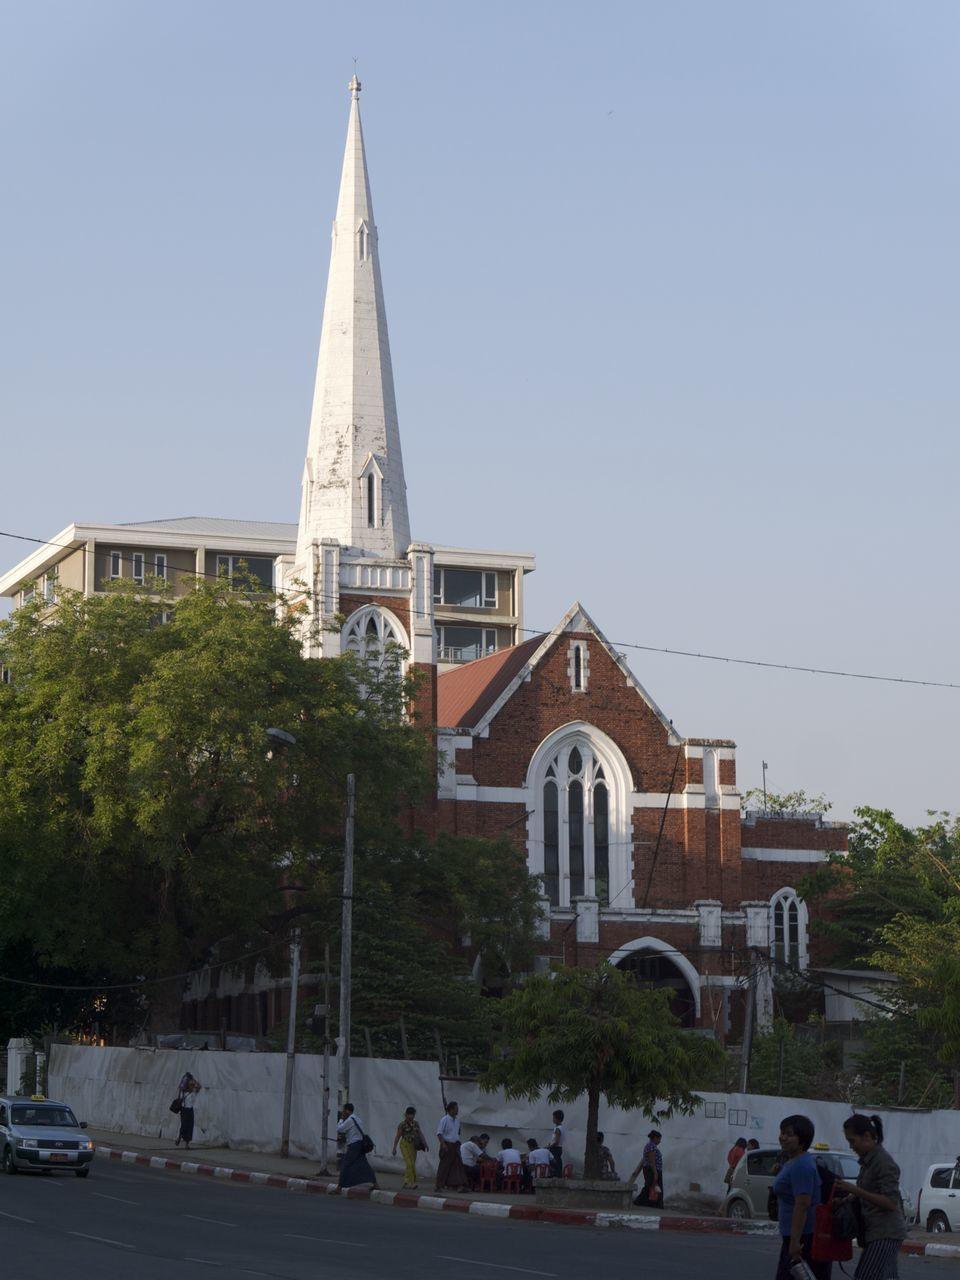 Facade Of Church Against Clear Sky